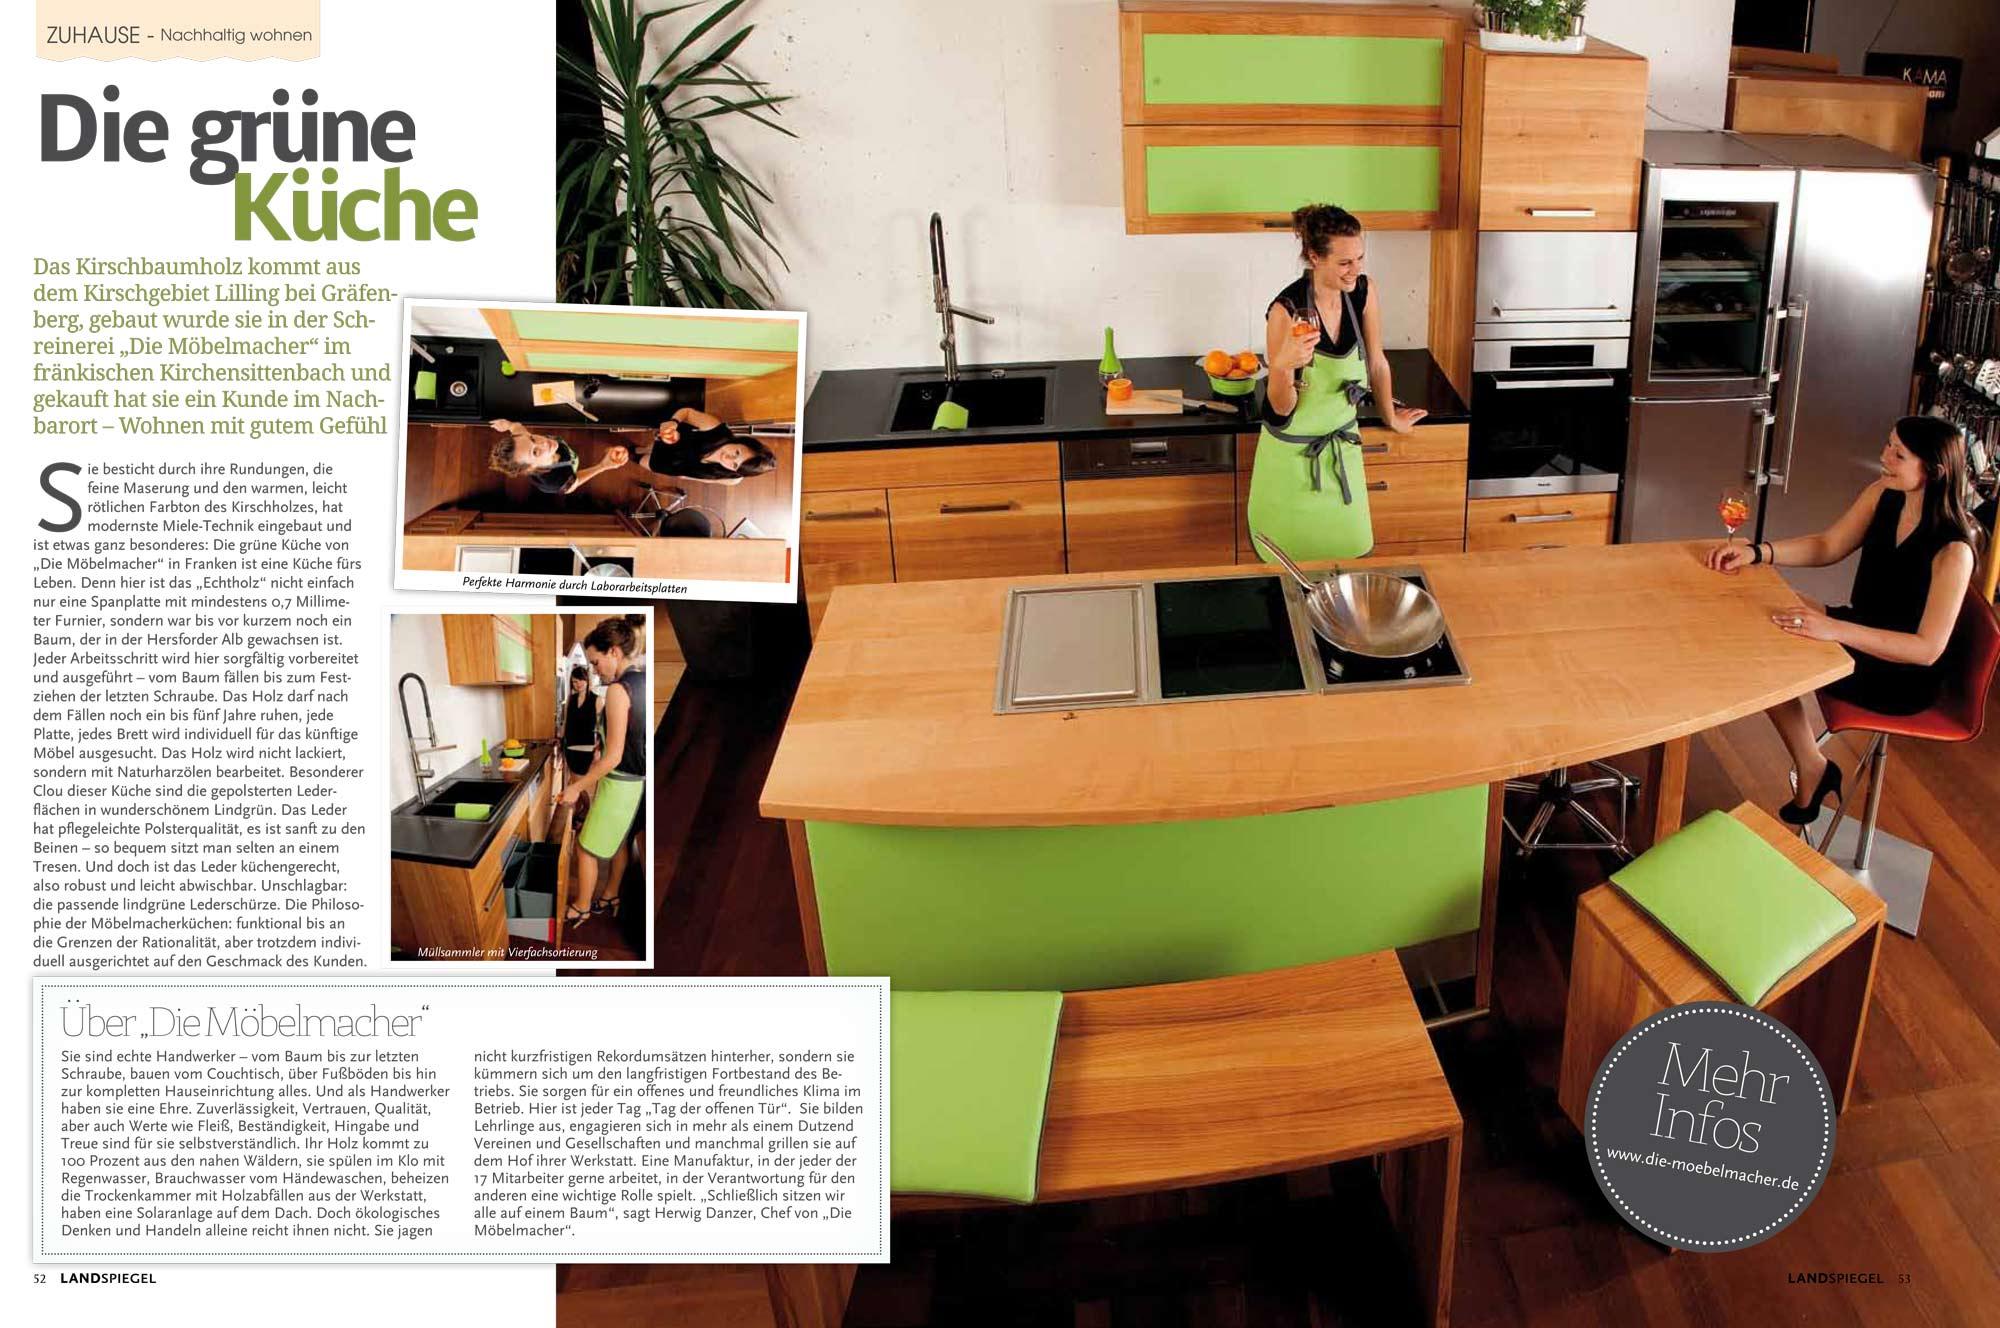 Das Lifestylemagazin Landspiegel Berichtet über Die Grüne Küche Der  Möbelmacher